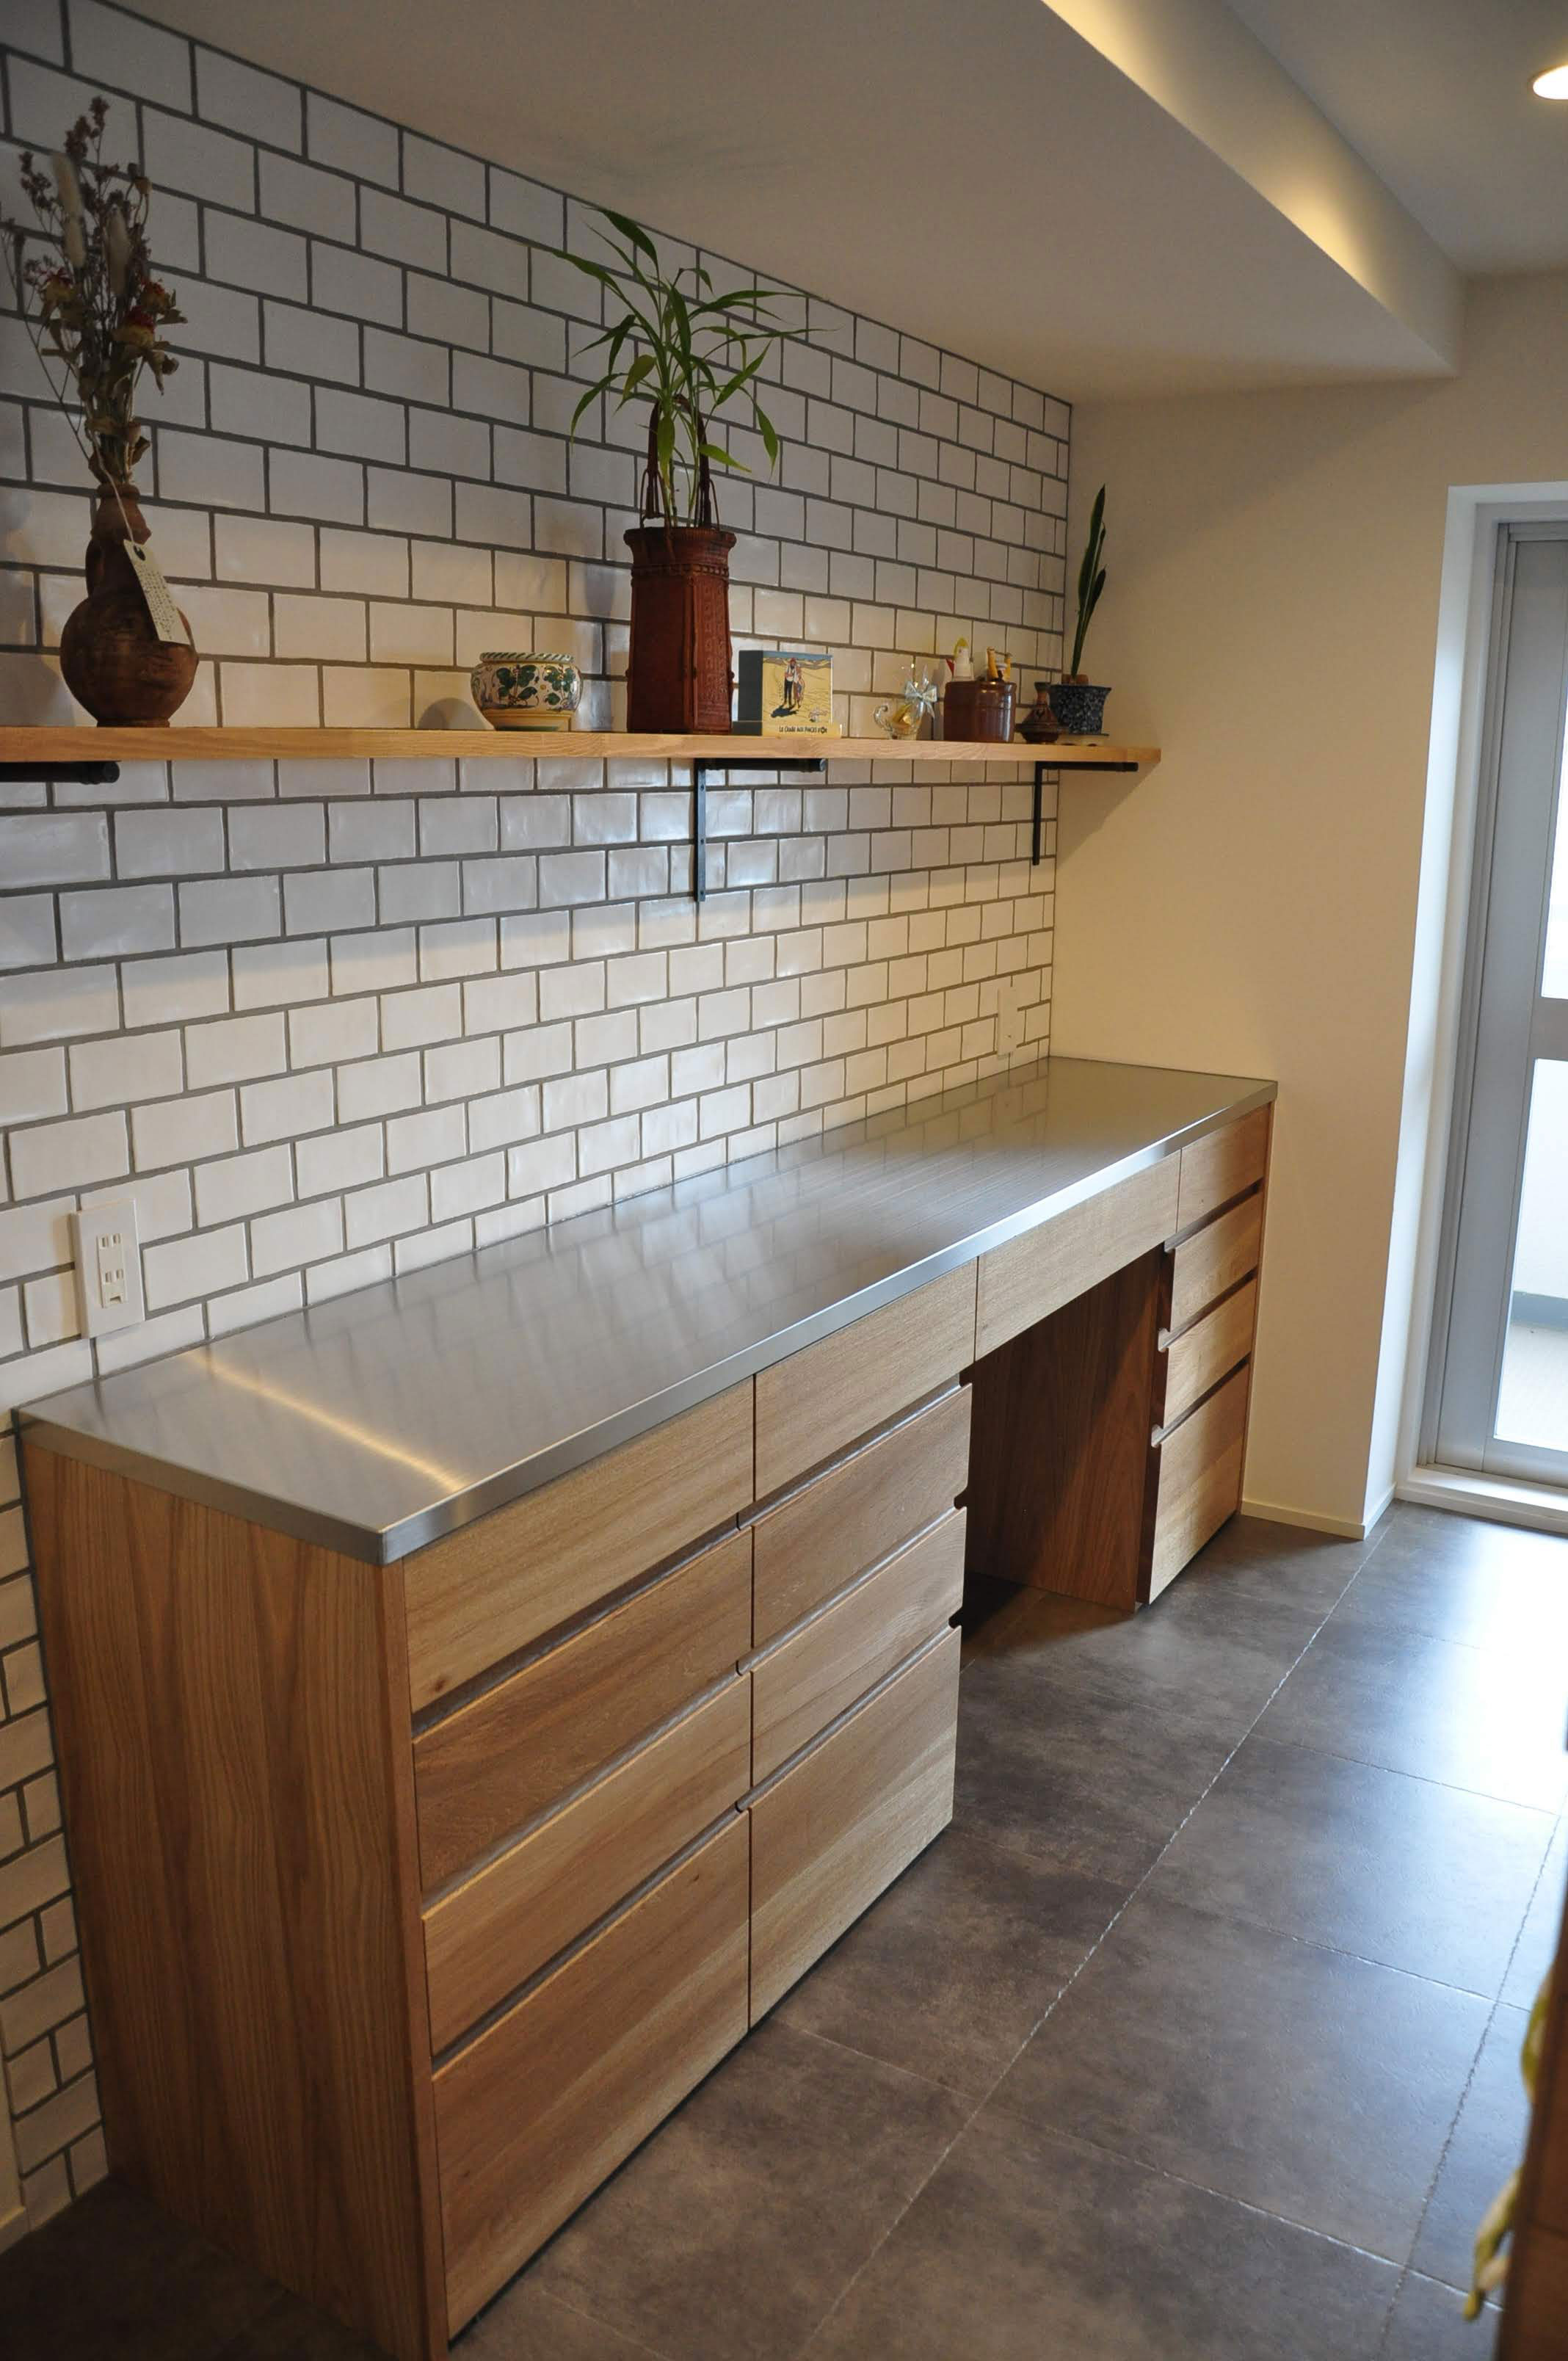 キッチンカウンターをおしゃれに壁と床のタイルで楽しむ 5060